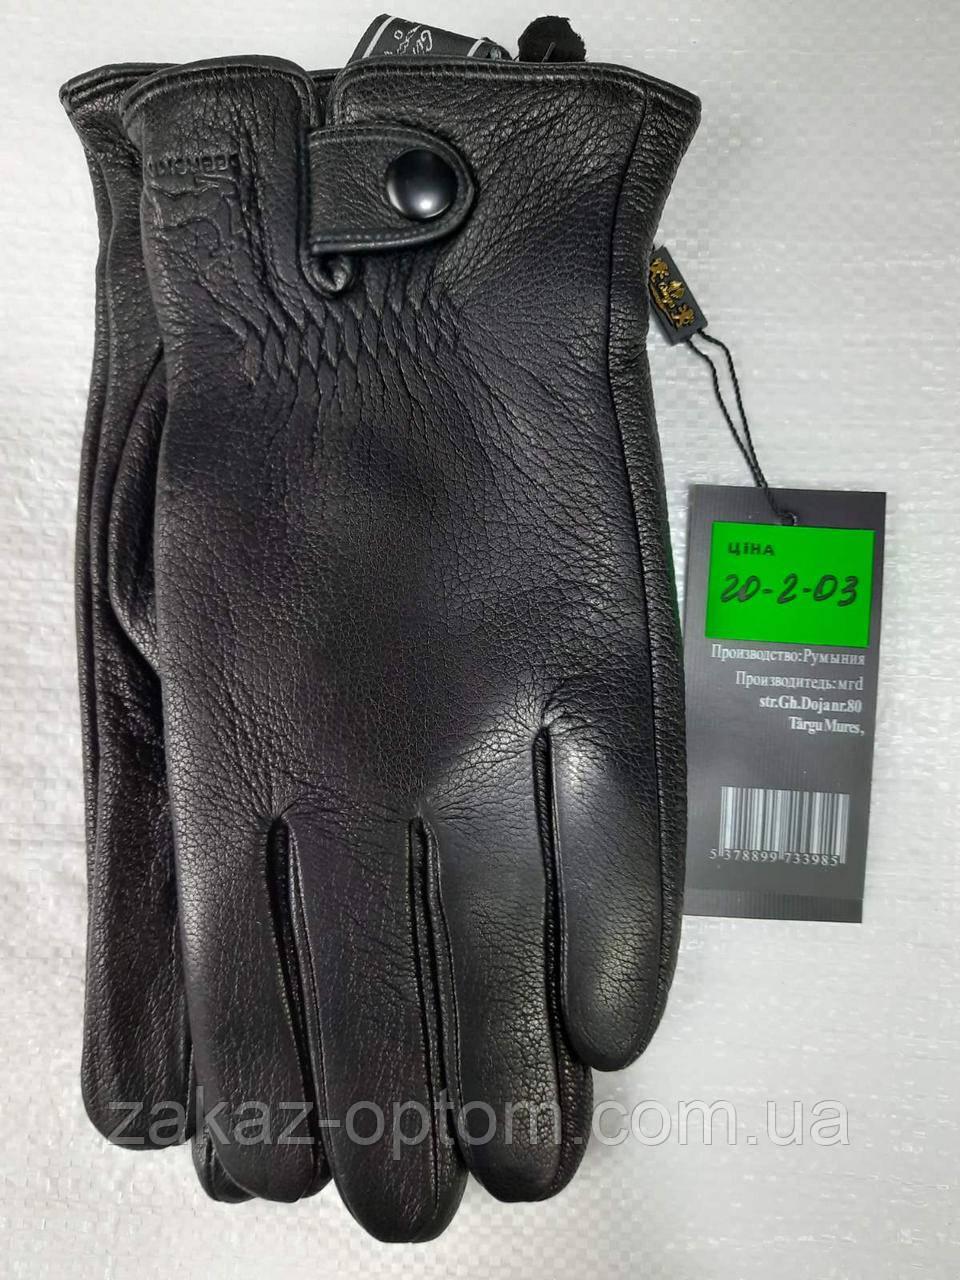 Мужские перчатки оптом кожа оленья(10,5-12,5)Румыния 20-2-03 -63199